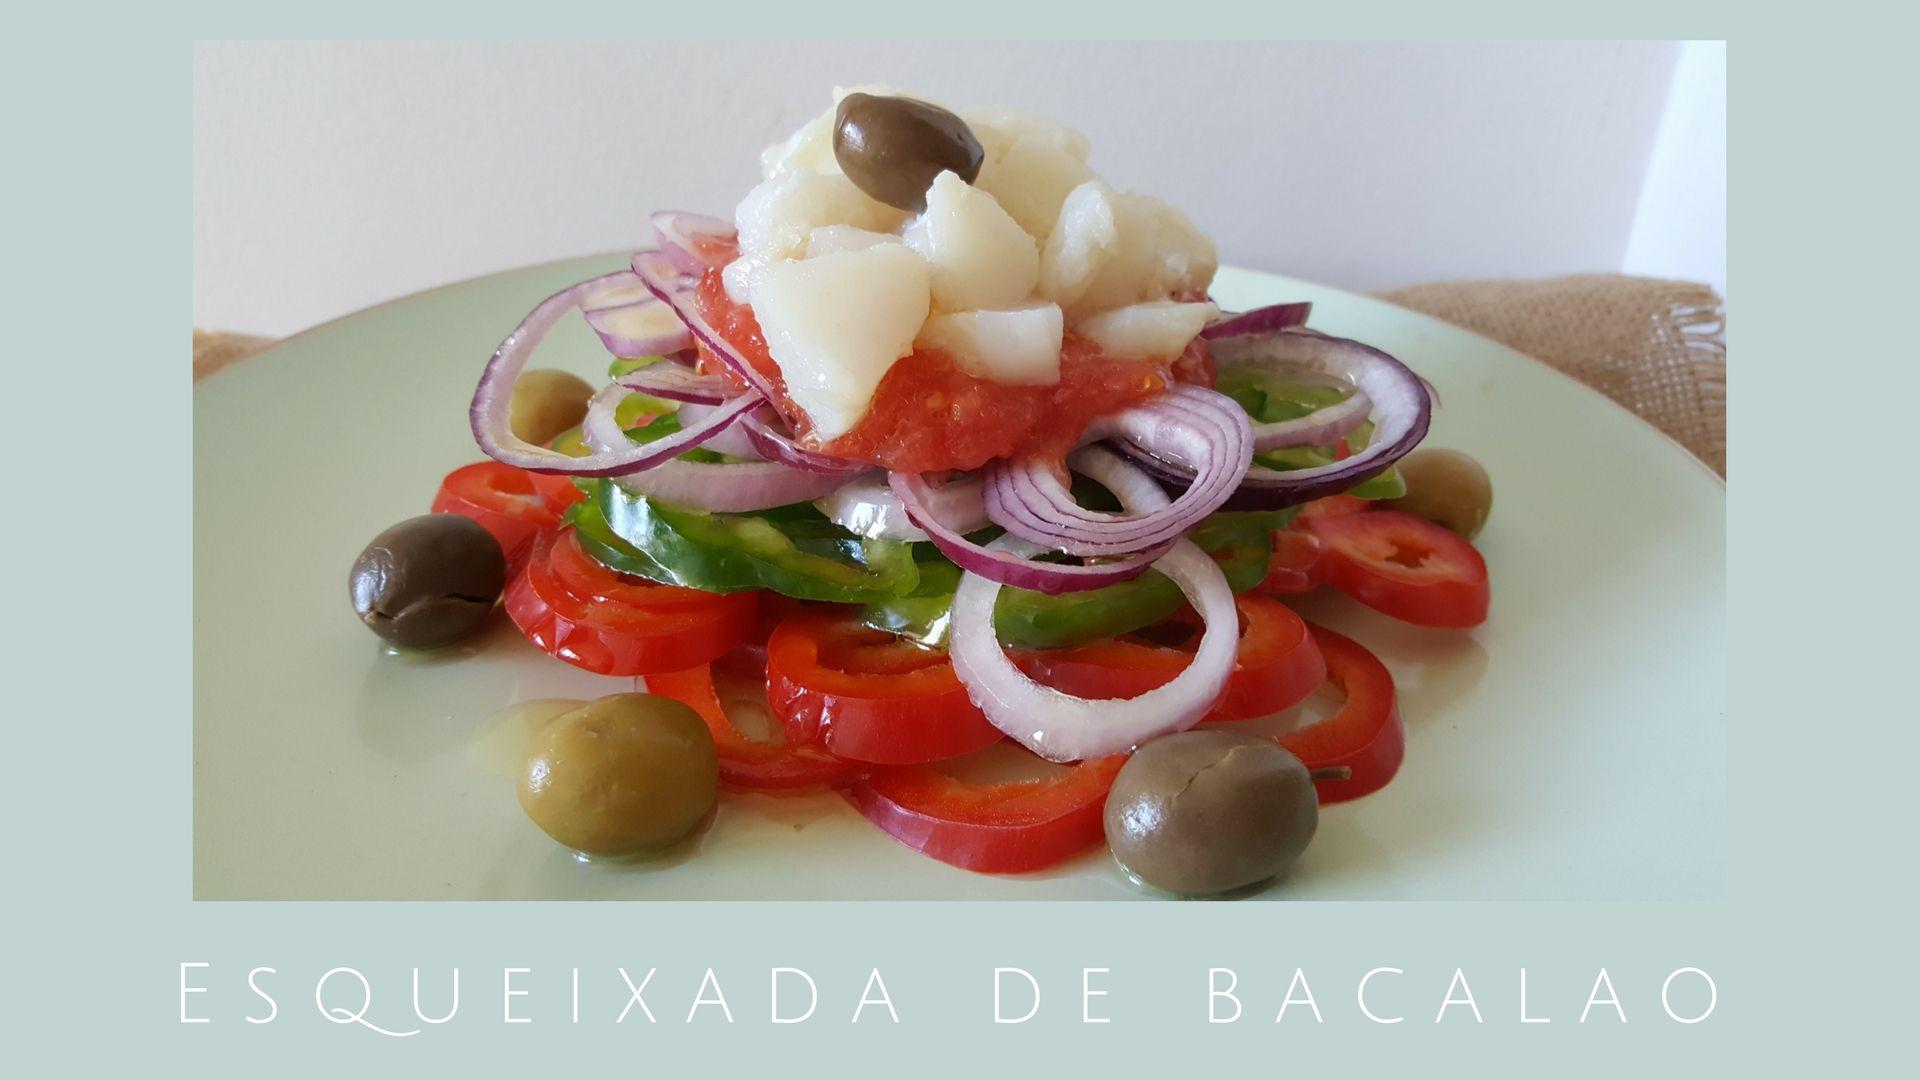 Esqueixada de bacalao / Receta catalana / Ensalada